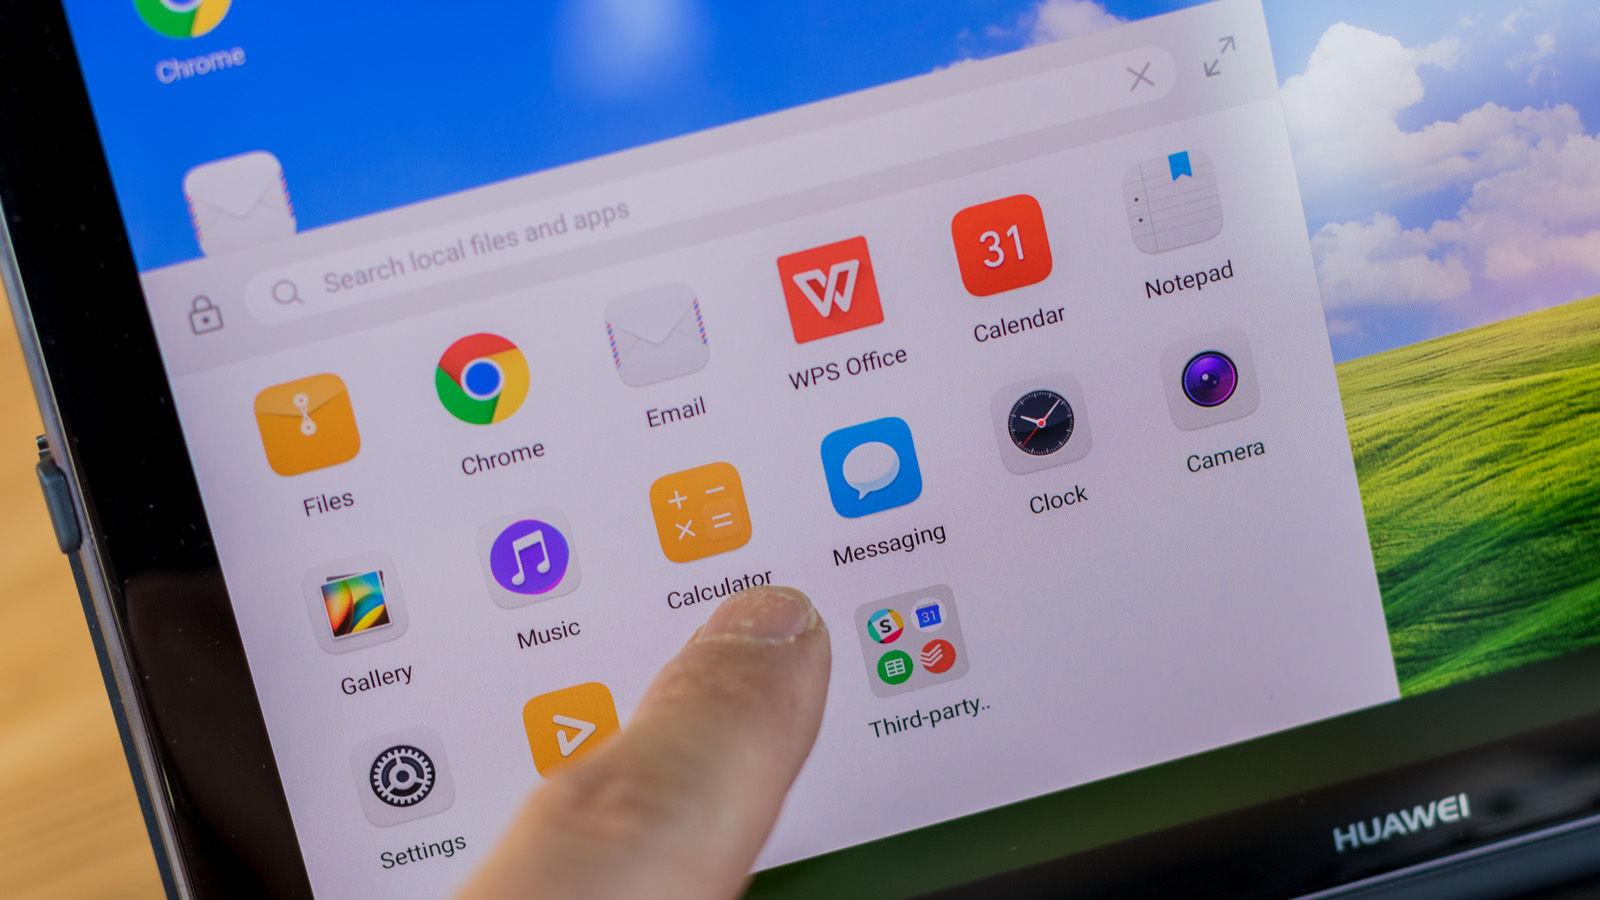 Huawei M5 Pro: Software